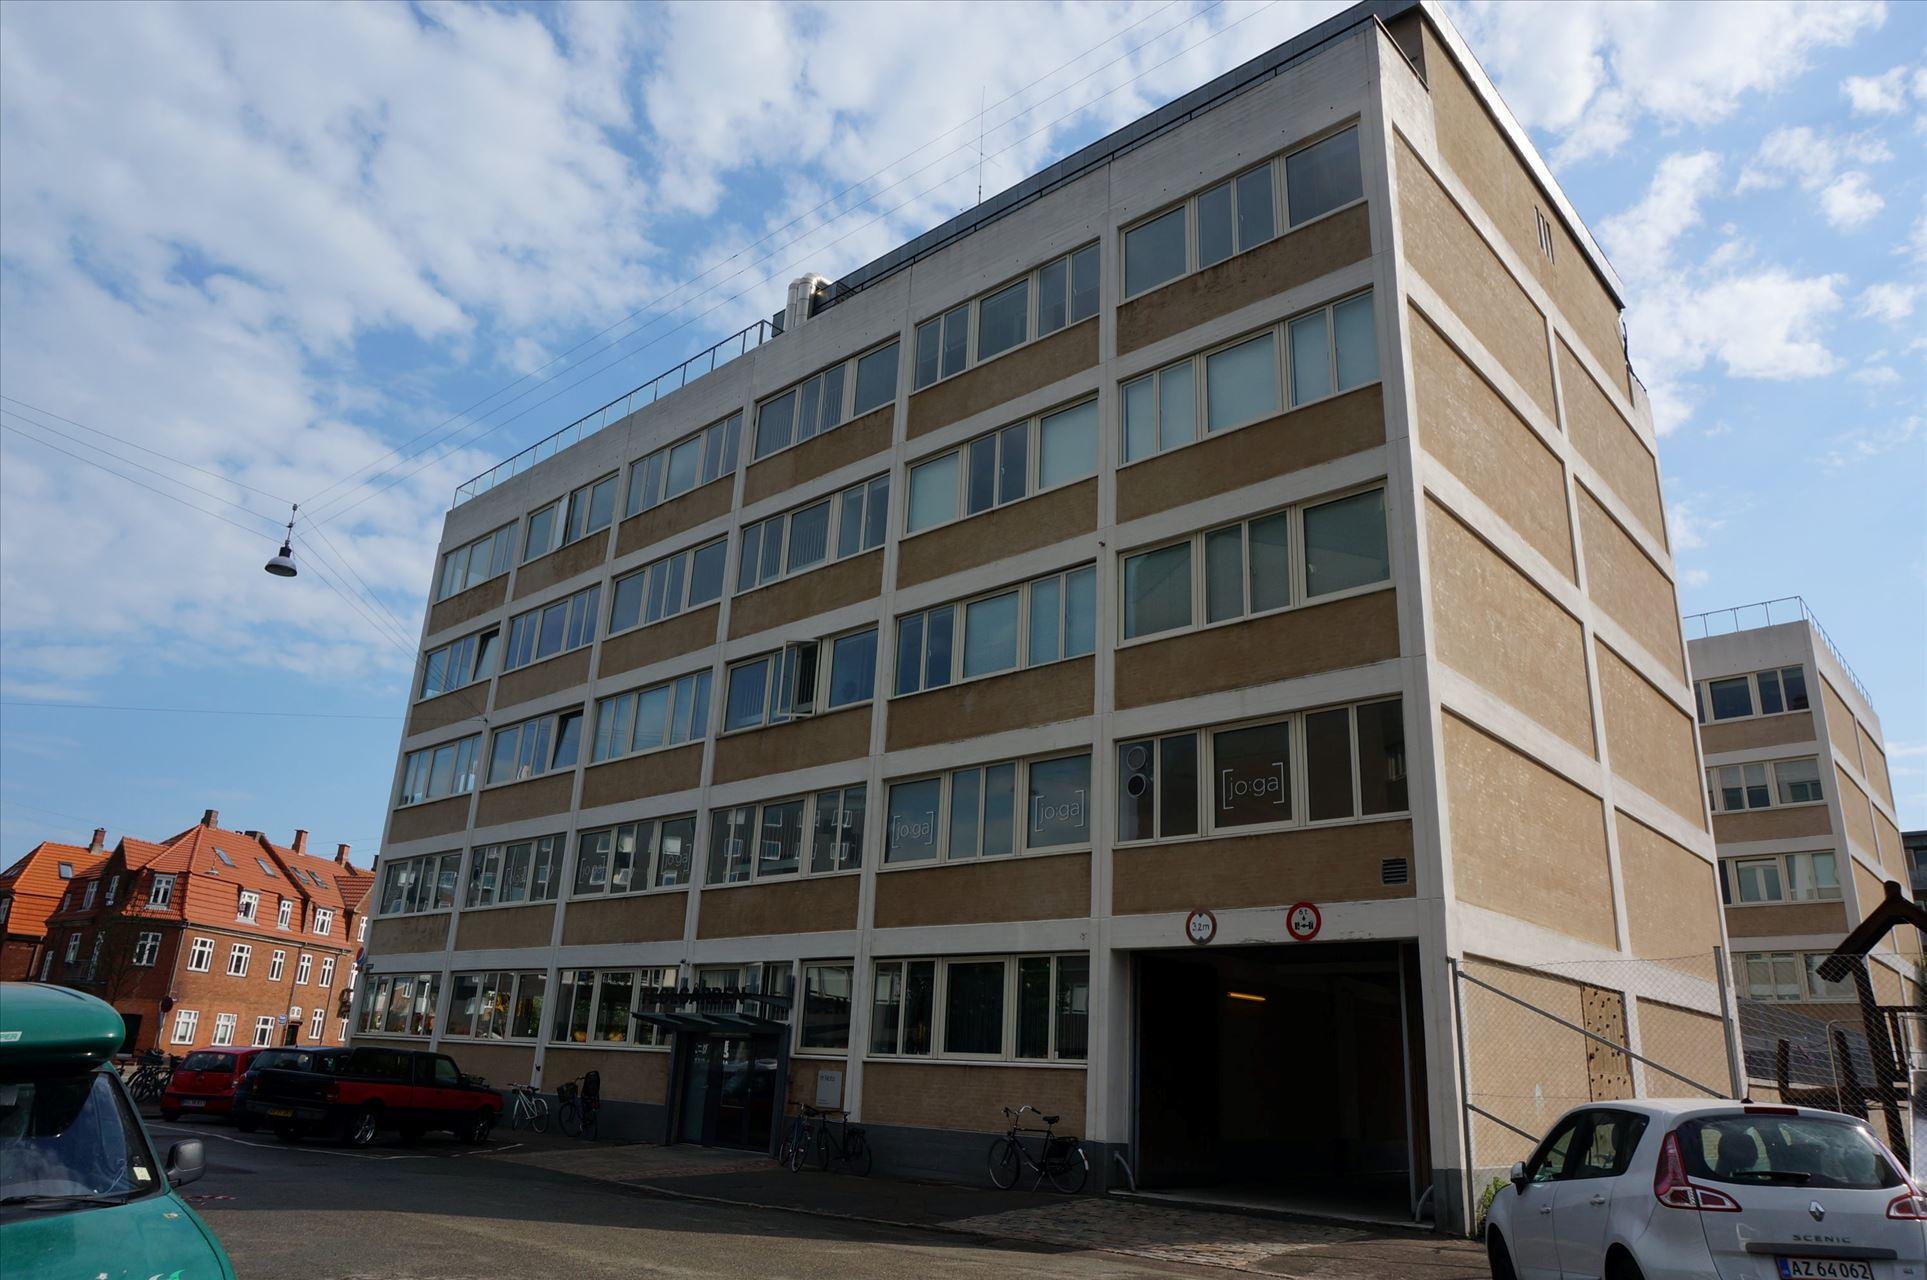 240 m² kontor-/ undervisningslokale